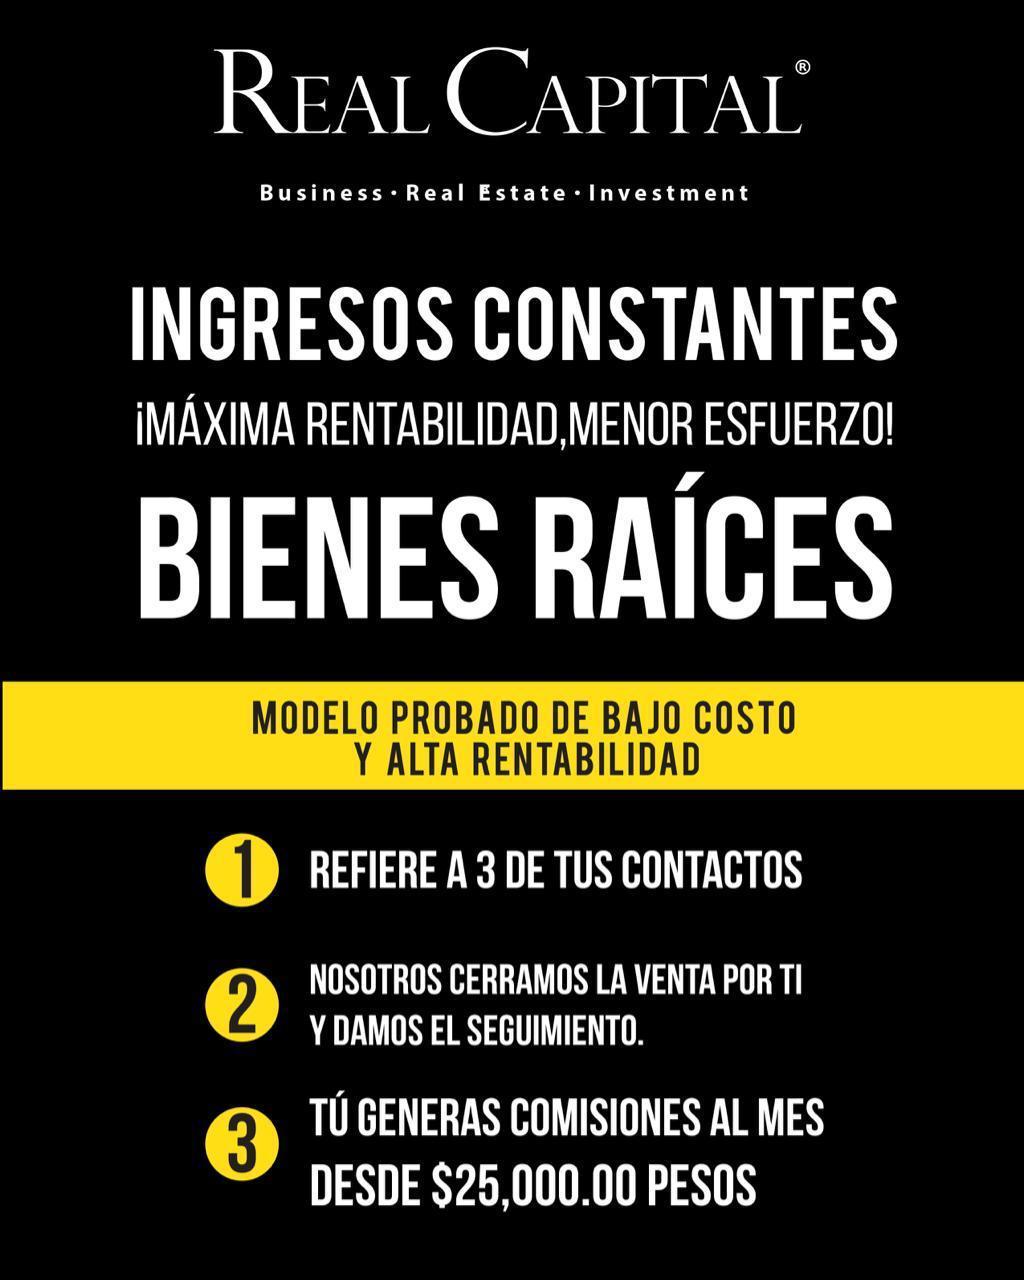 INGRESOS CONSTANTES MÁXIMA RENTABILIDAD MENOR ESFUERZO